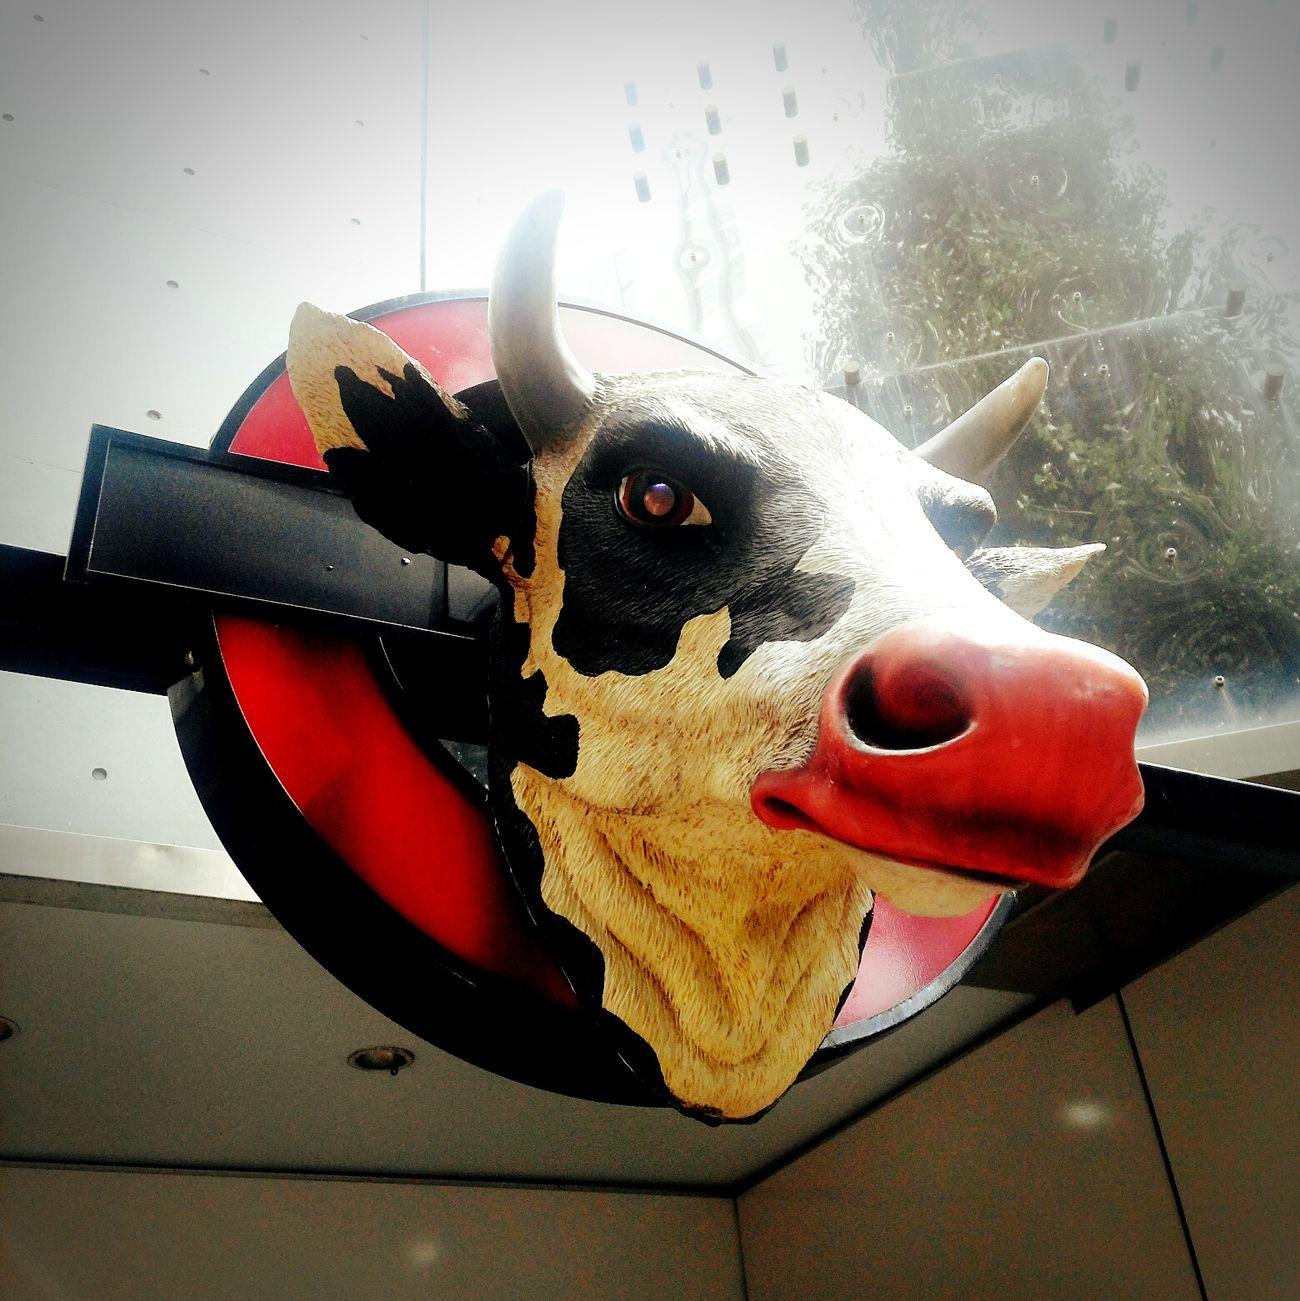 08202016 牛 ローストビーフ丼 レッドロック 原宿 表参道 Cow 話題 Summer Lunch Time!